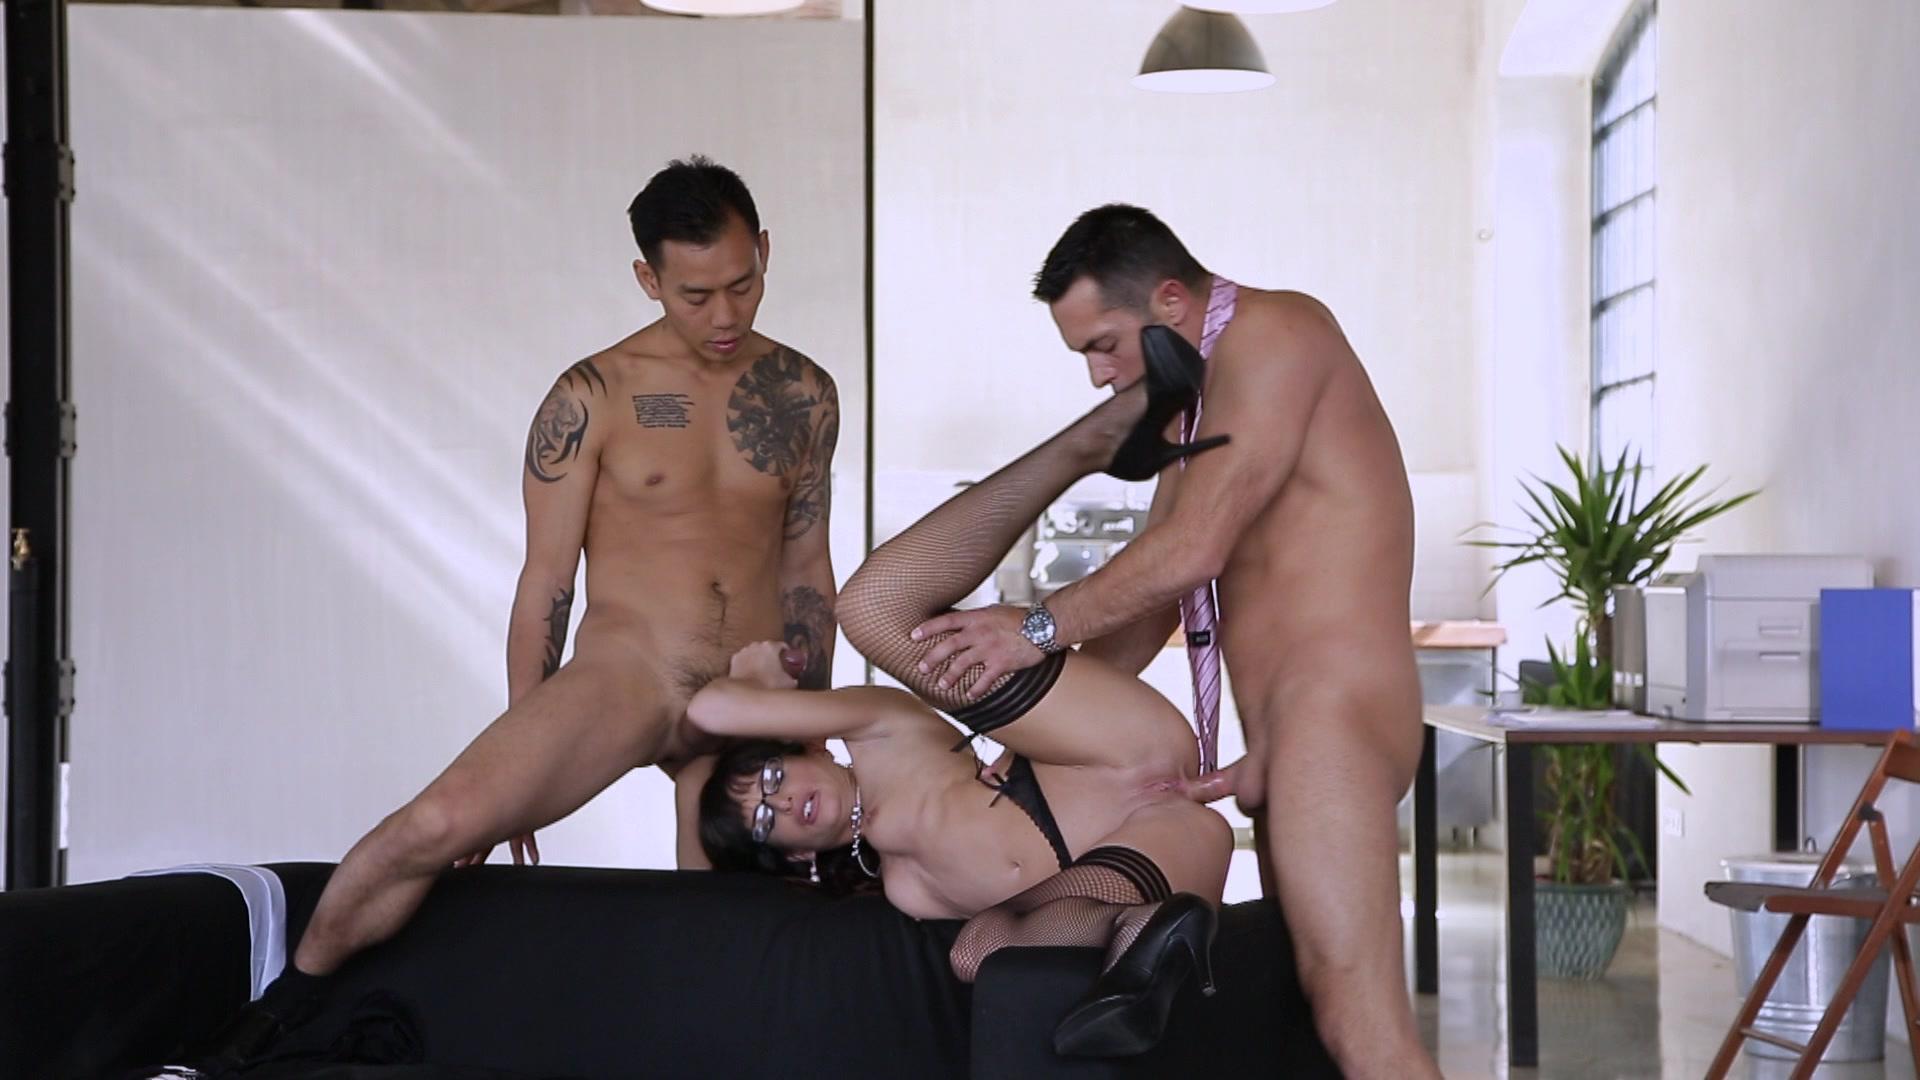 Bondage free picture sex-7084